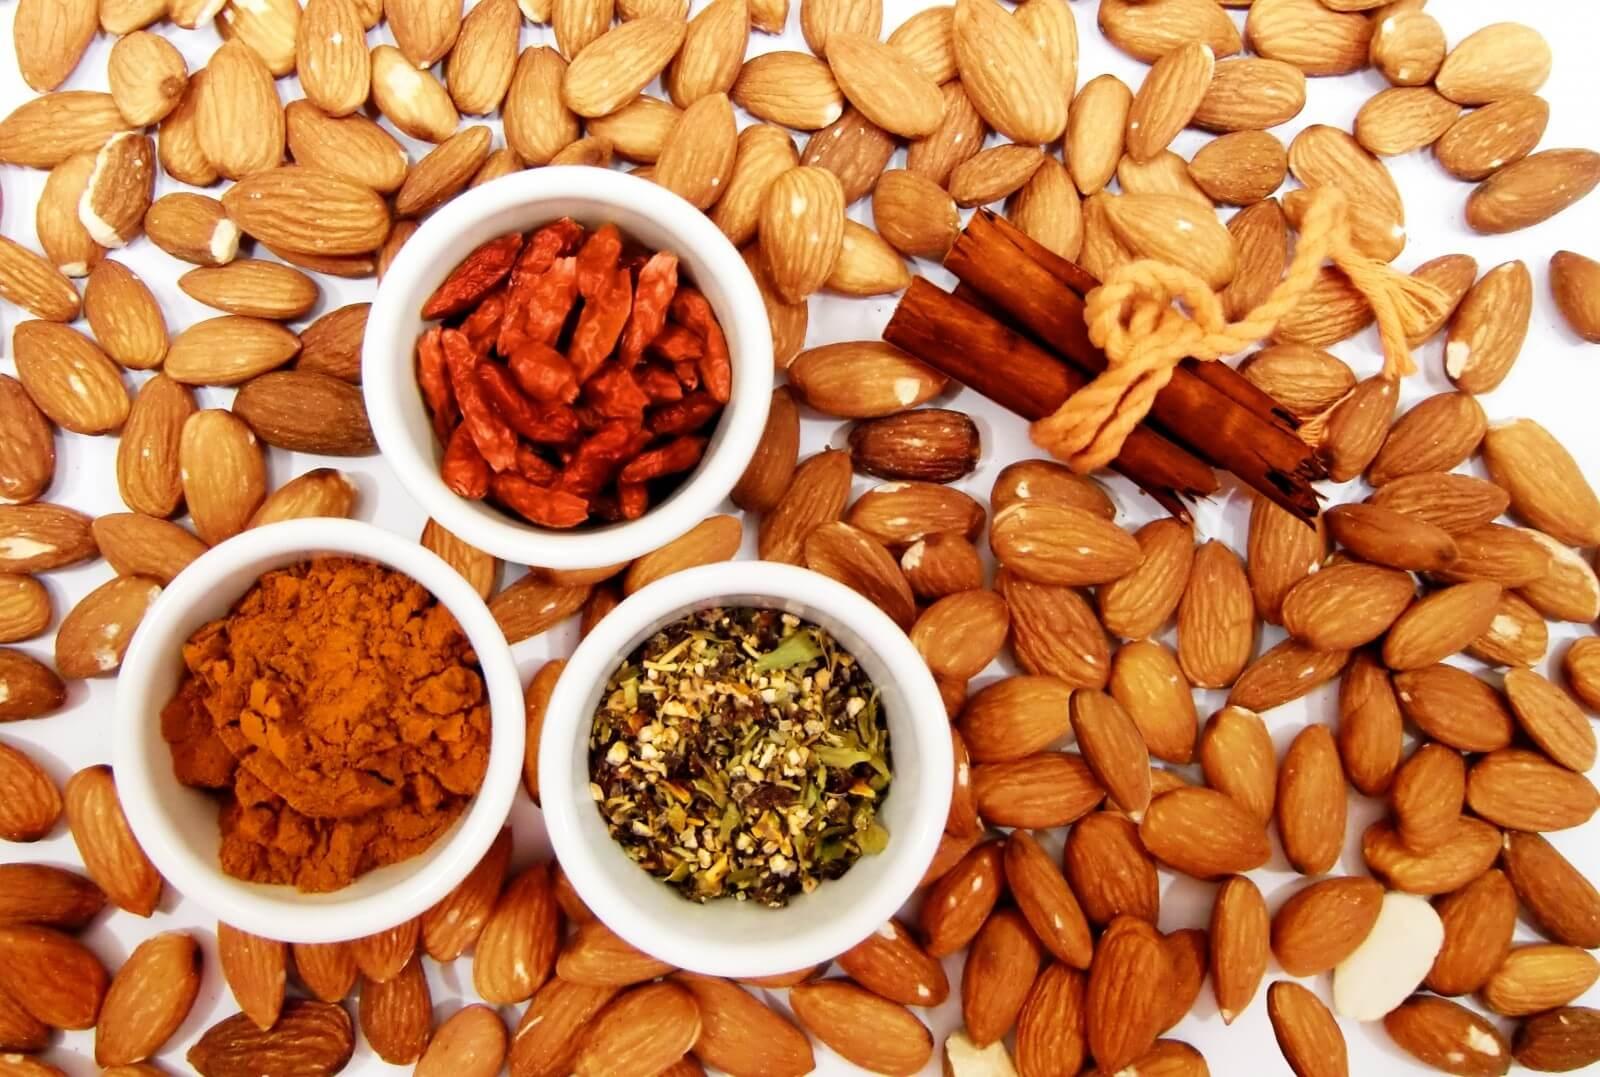 almonds-cinnamon-spices-chili-curry-vanilla